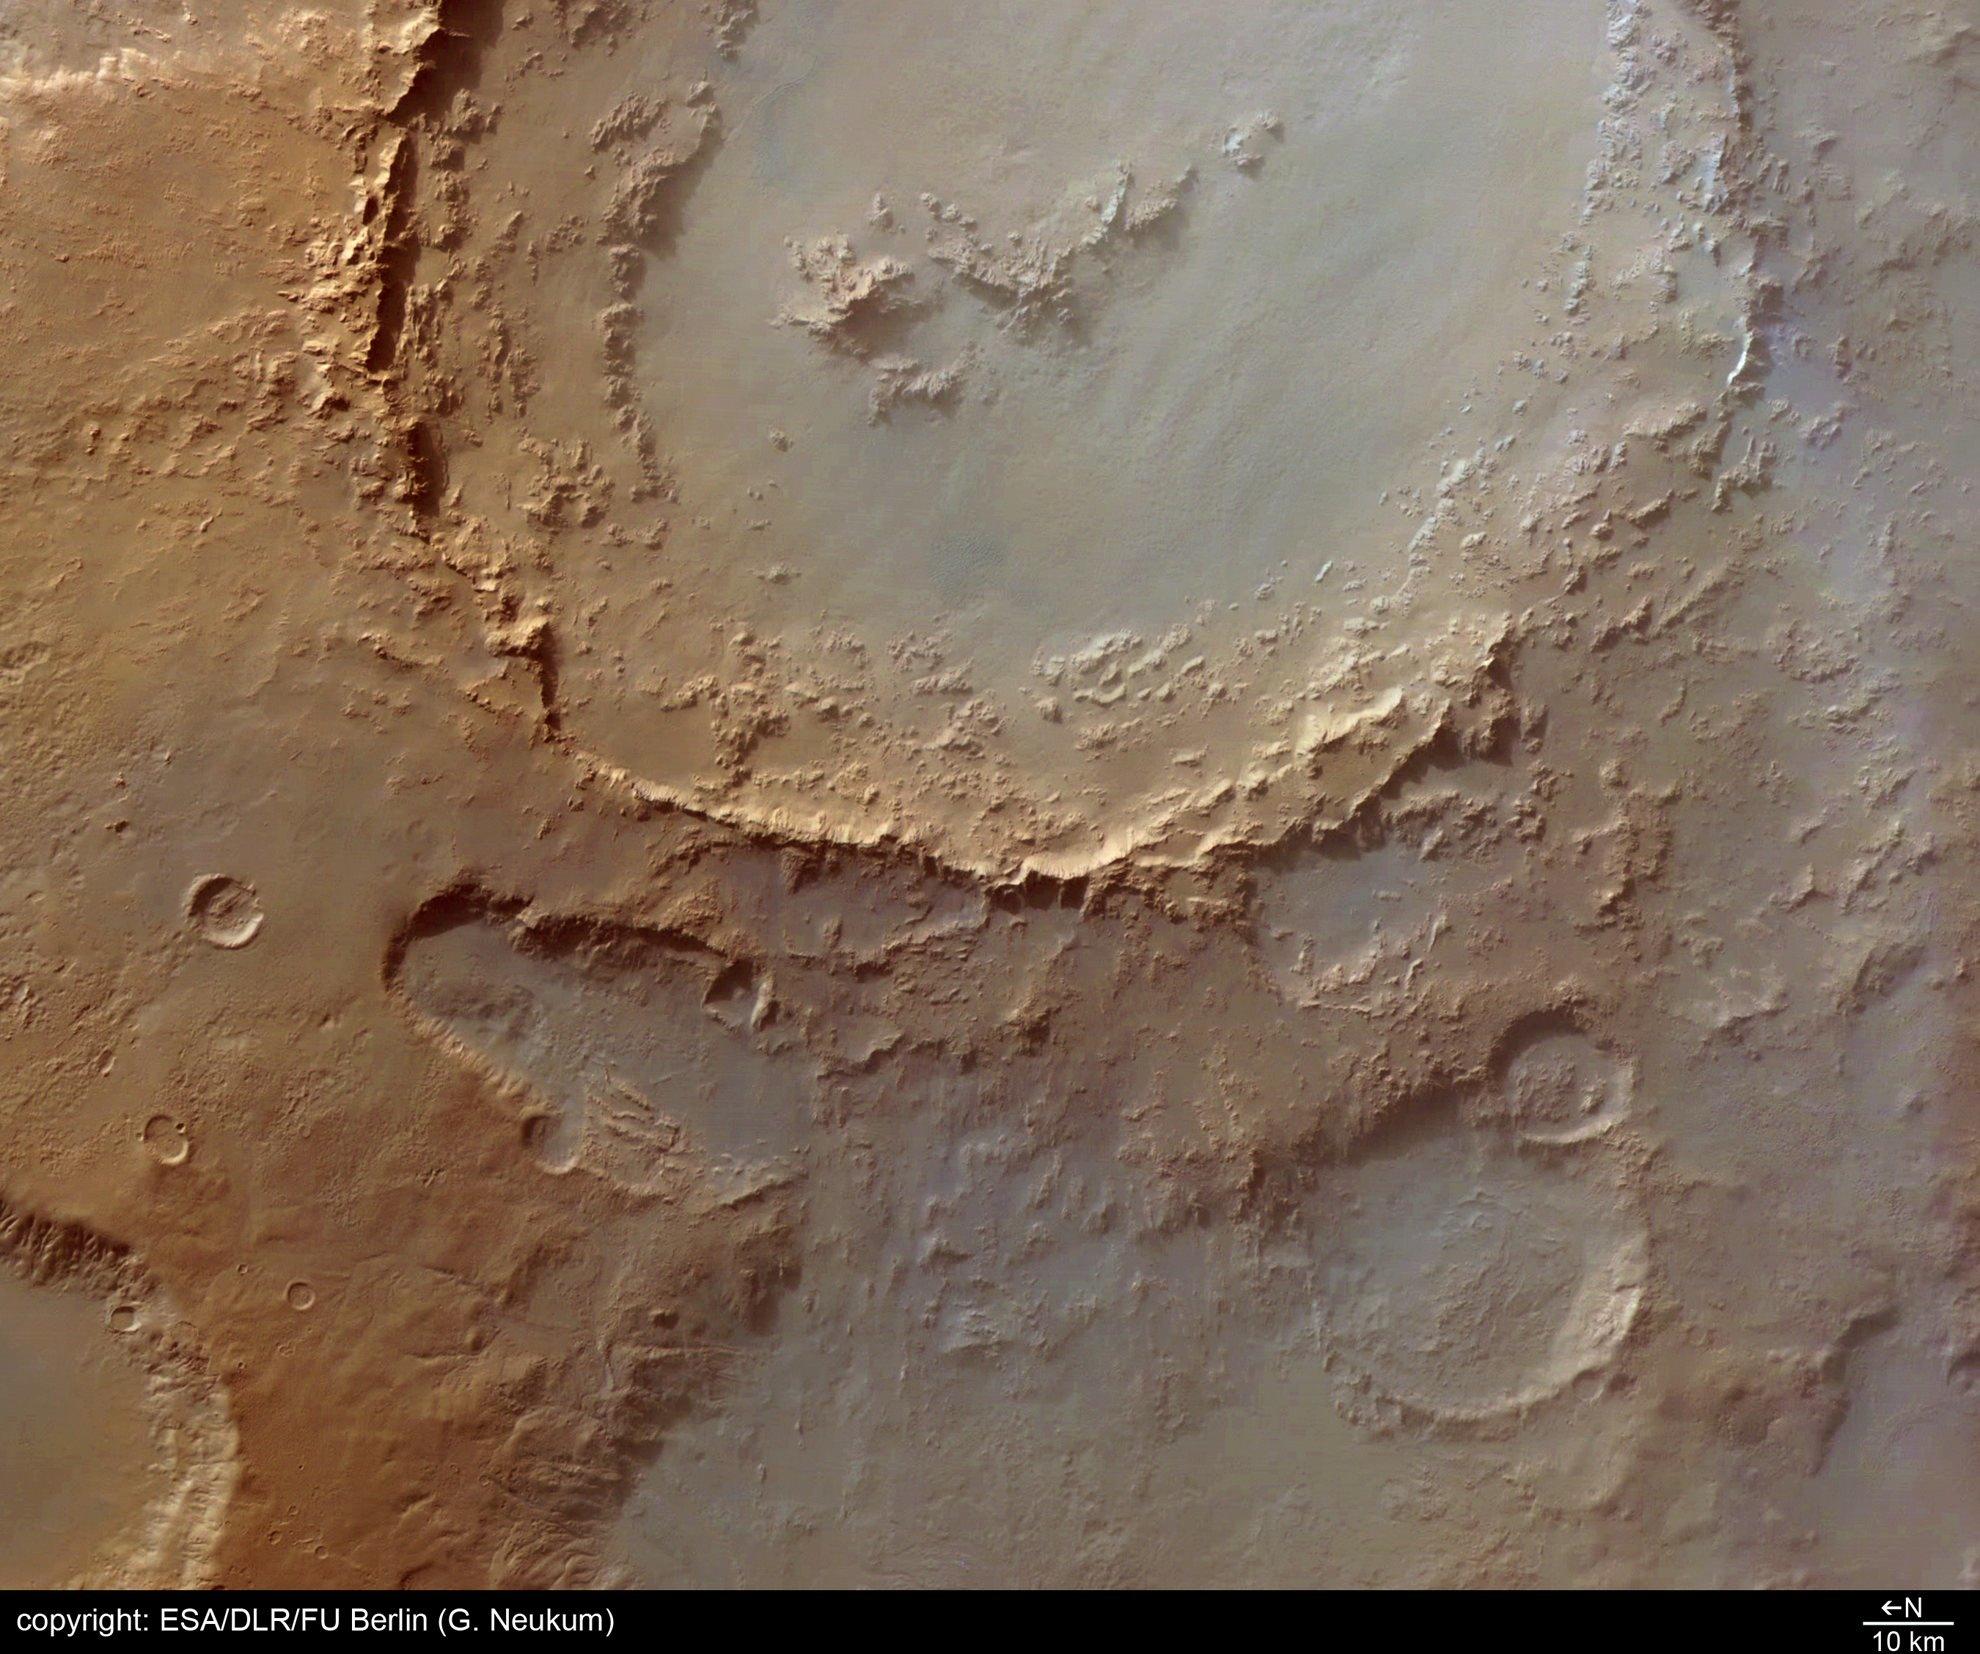 火星の「ヘールクレーターの謎」:無数の住居跡が存在か?_e0171614_1415947.jpg